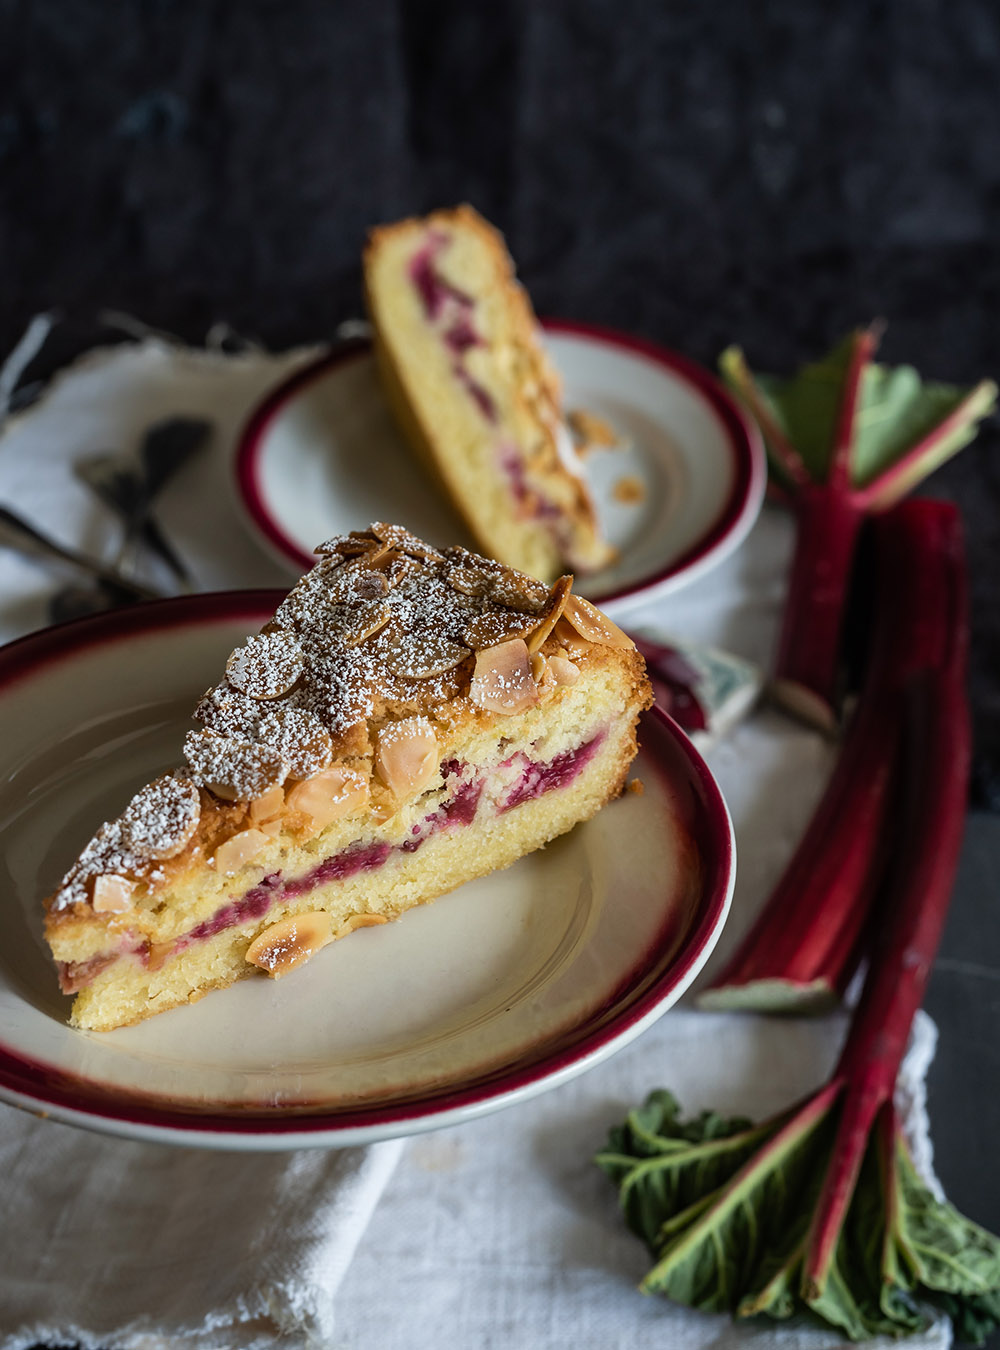 Ruck-Zuck Rhabarberkuchen mit soInstagram leckerem Mandelteig